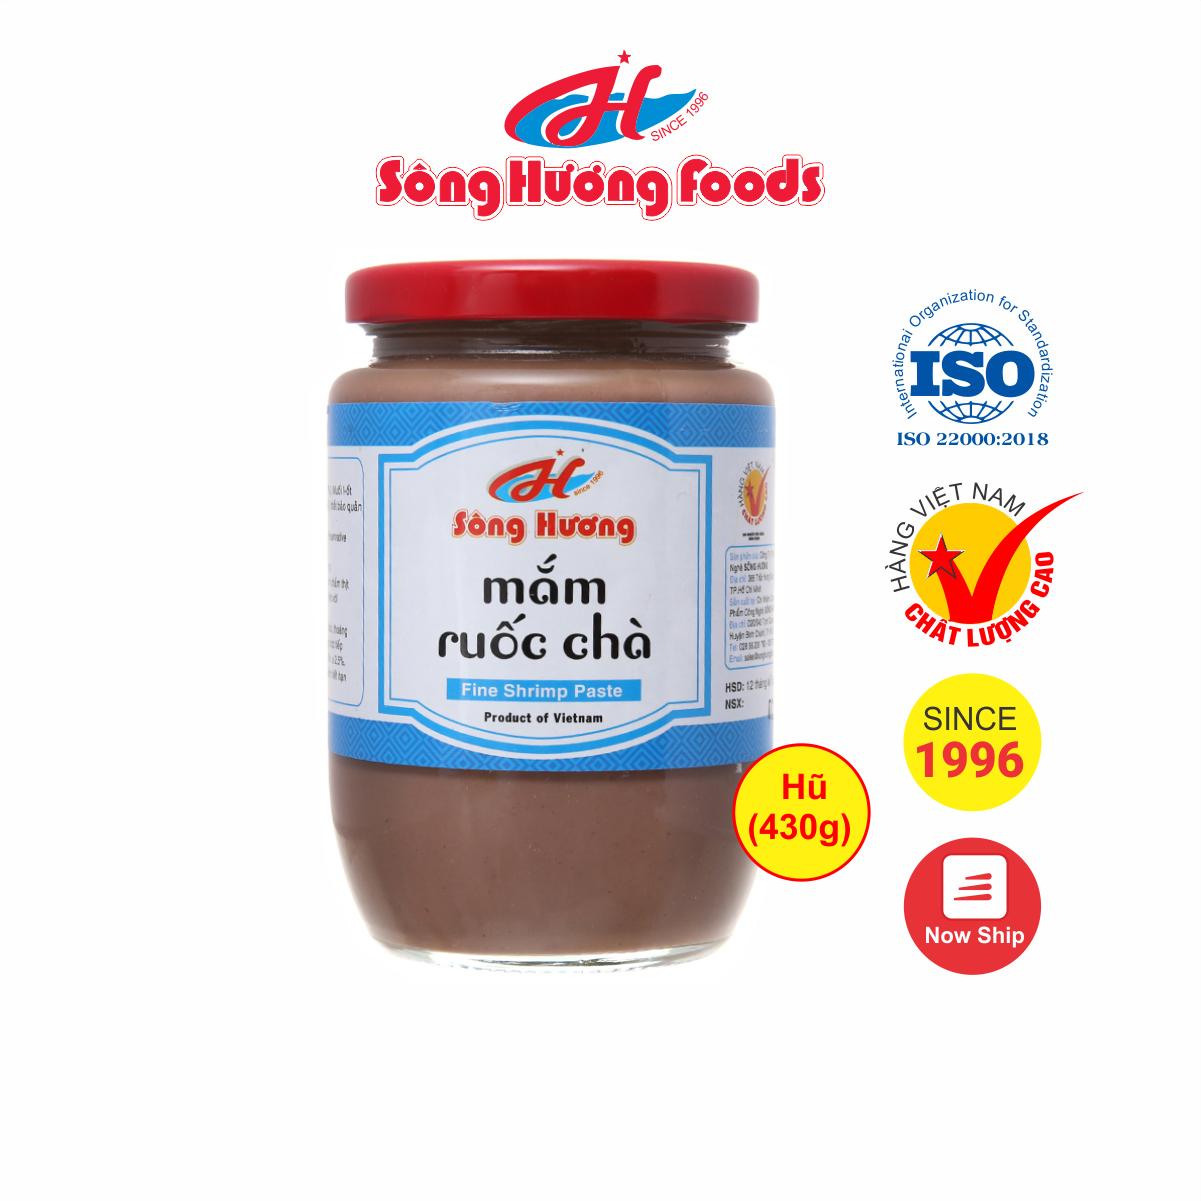 Mắm Ruốc Chà Sông Hương Foods Hũ 430g